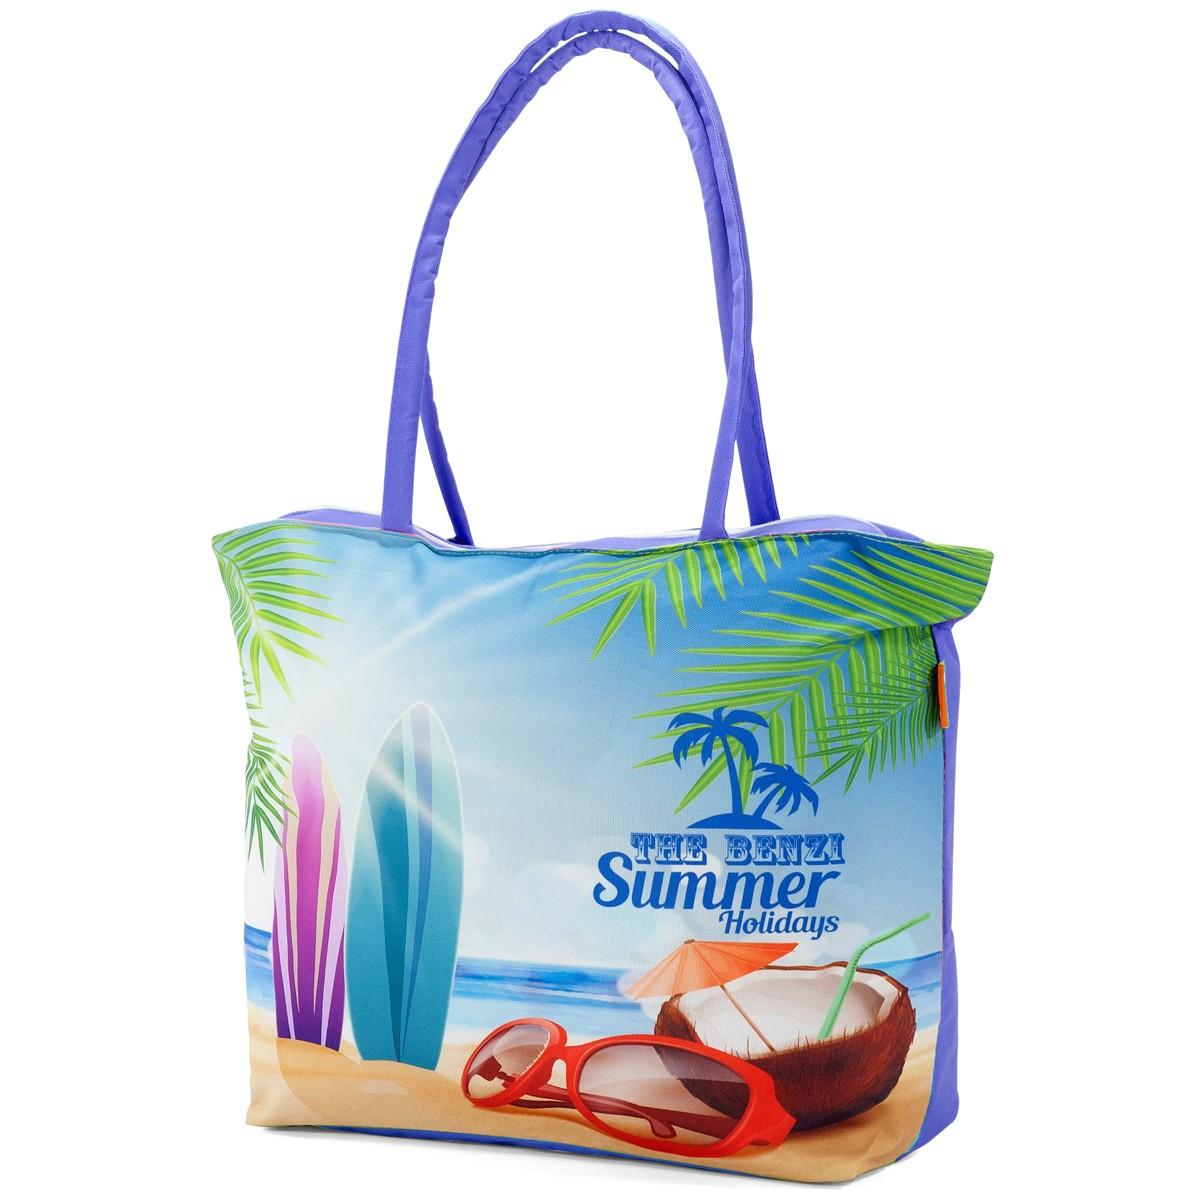 Τσάντα Παραλίας Benzi 5000 Purple home   θαλάσσης   τσάντες παραλίας